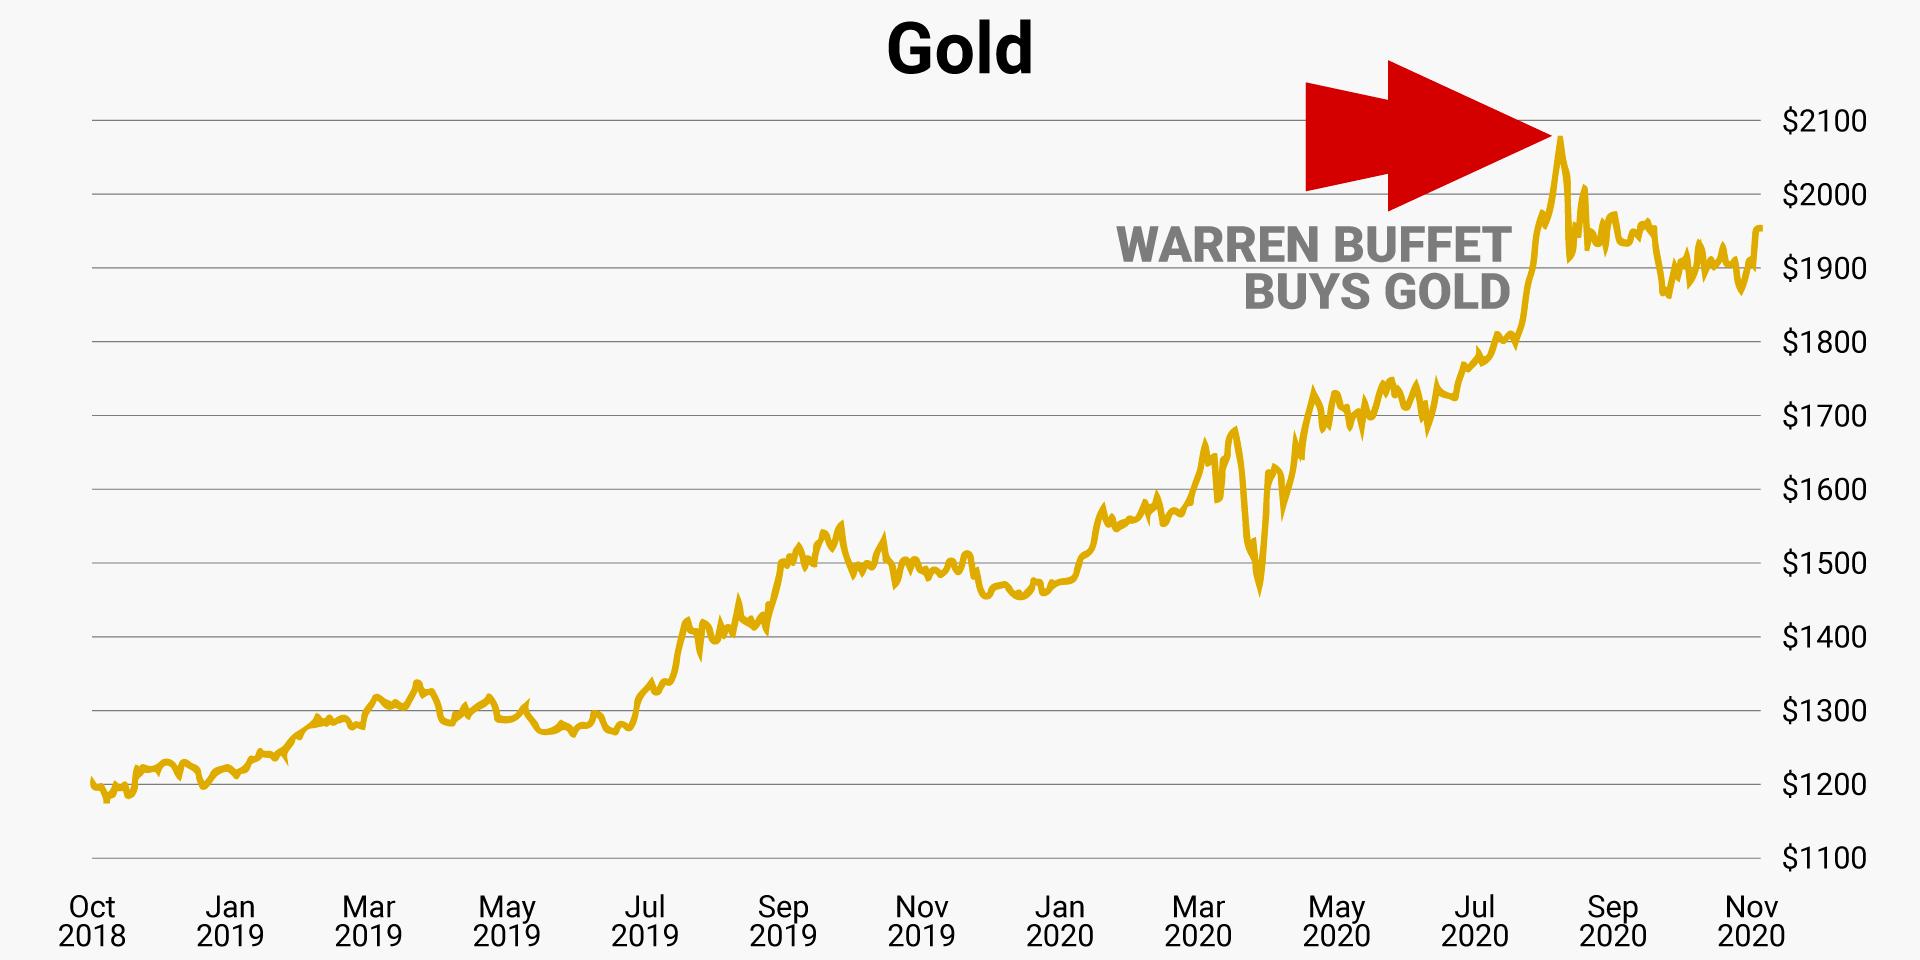 gold-warren-buffet